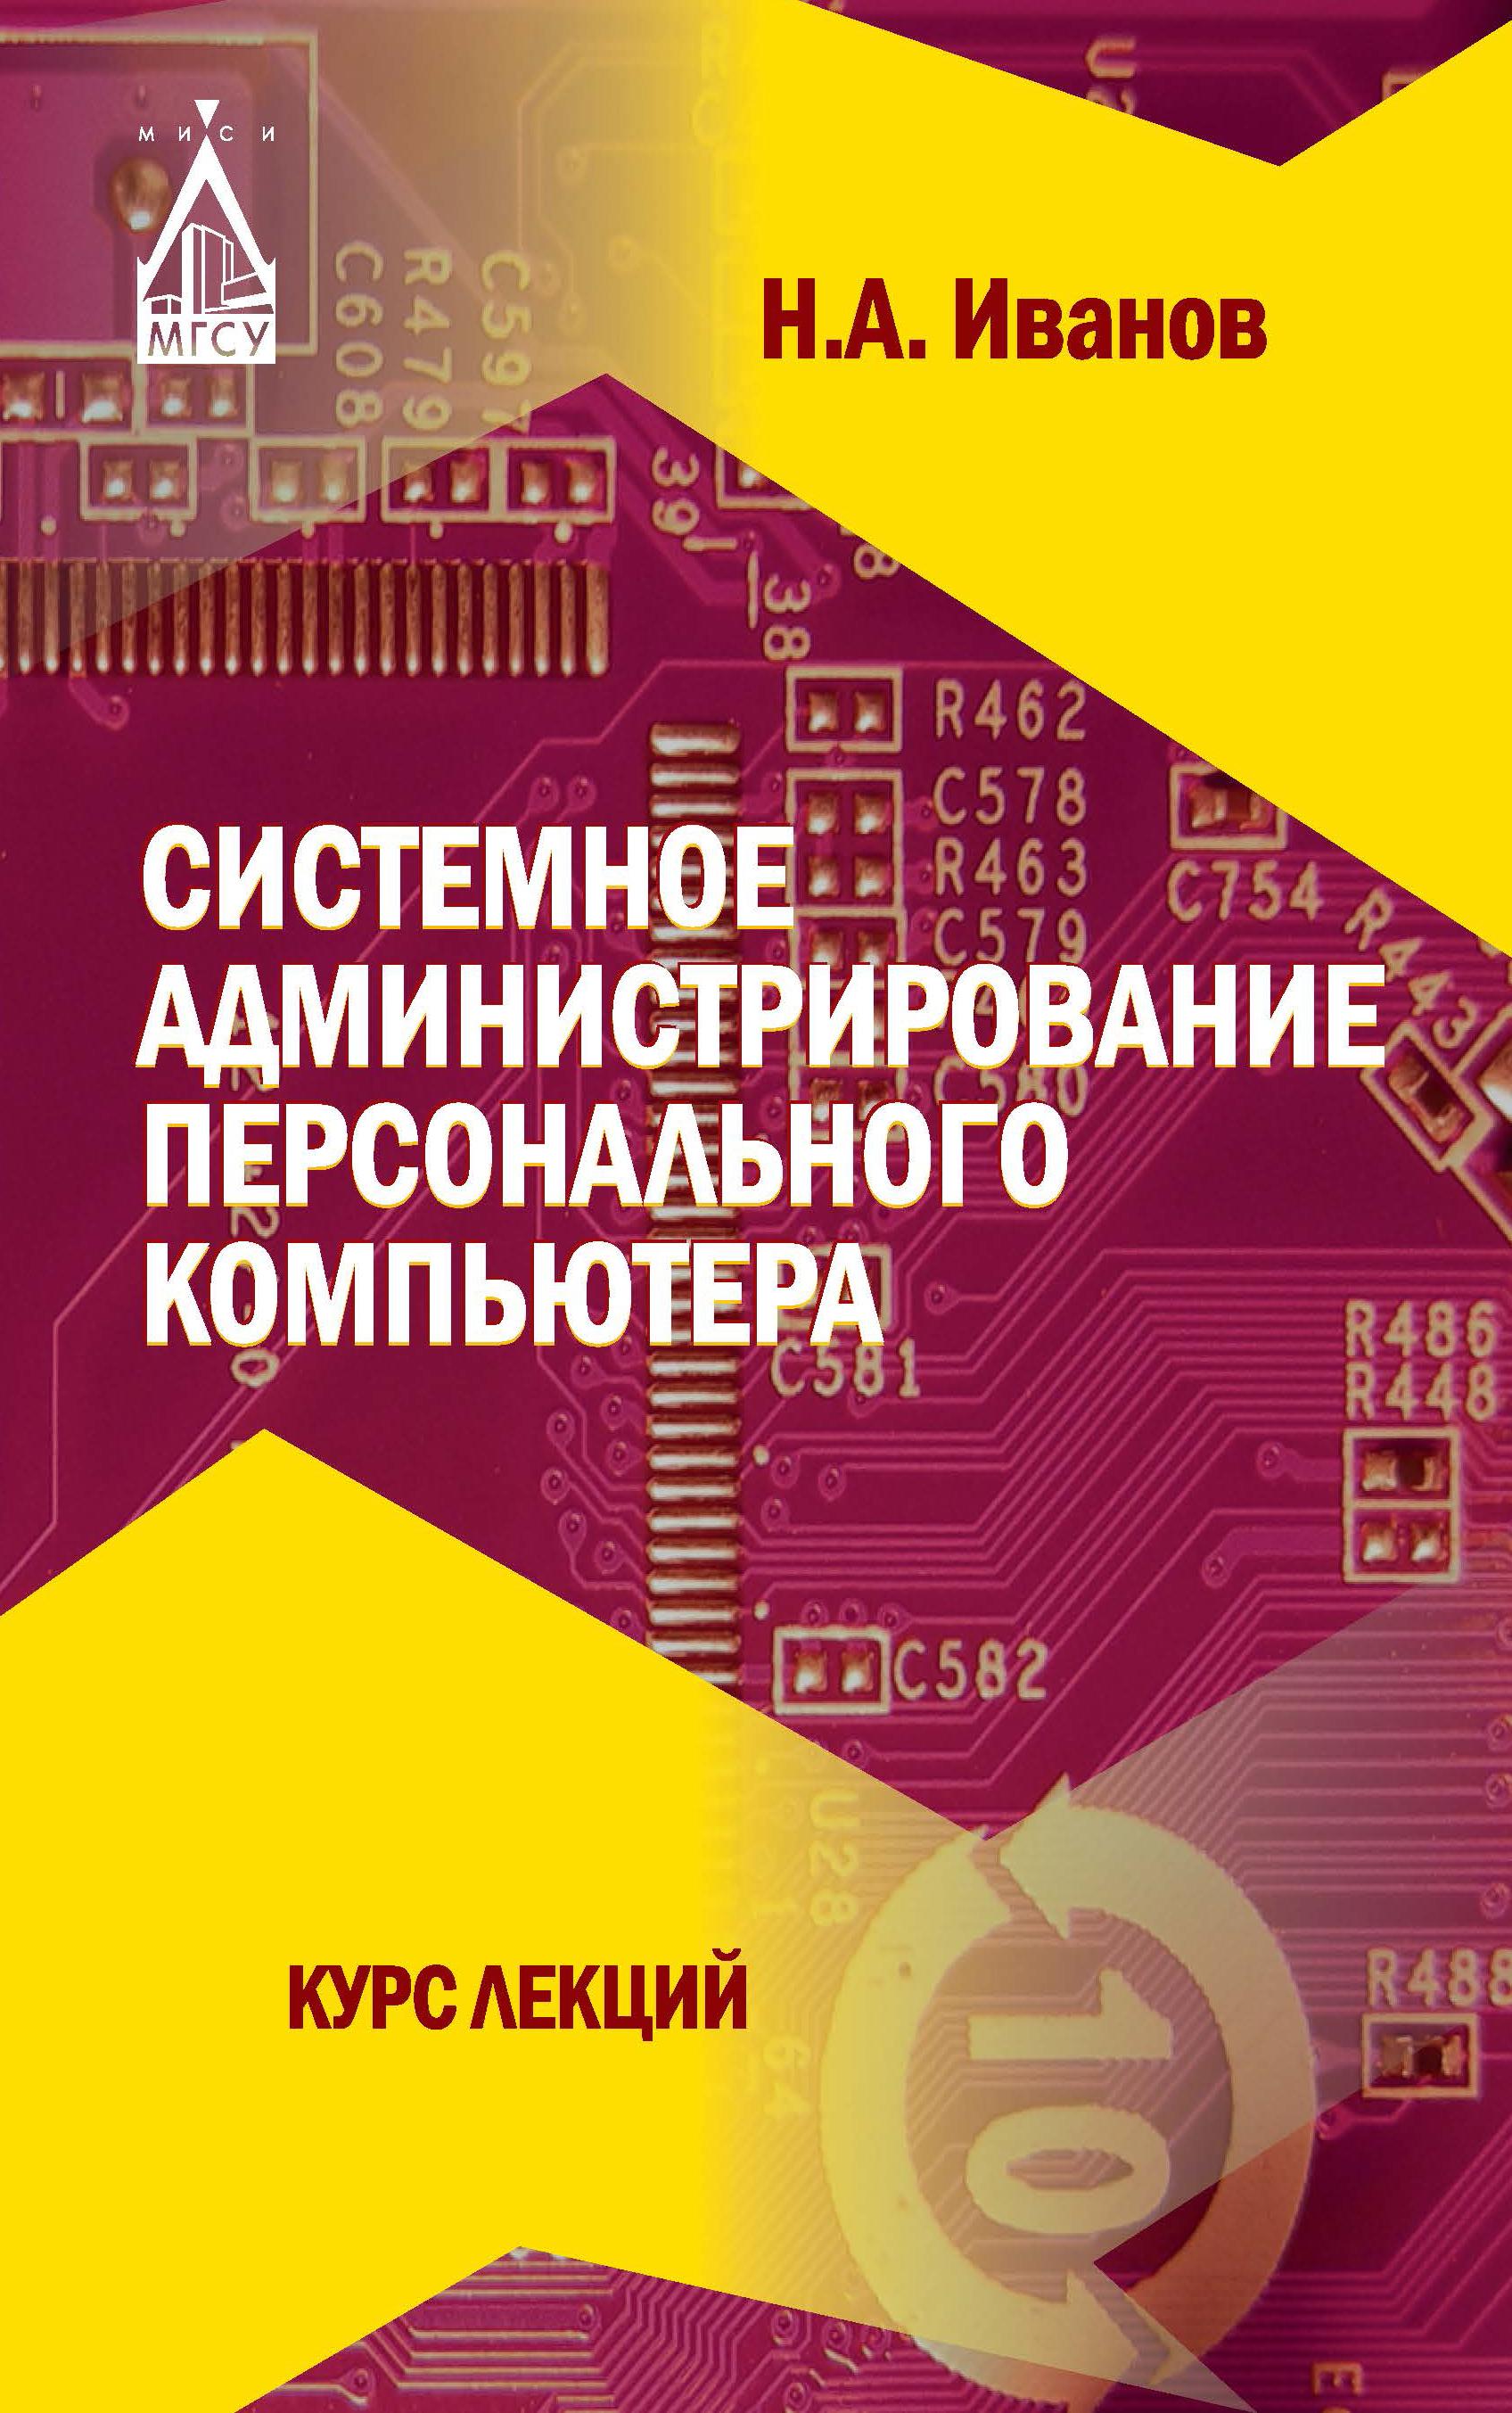 цена на Николай Александрович Иванов Системное администрирование персонального компьютера